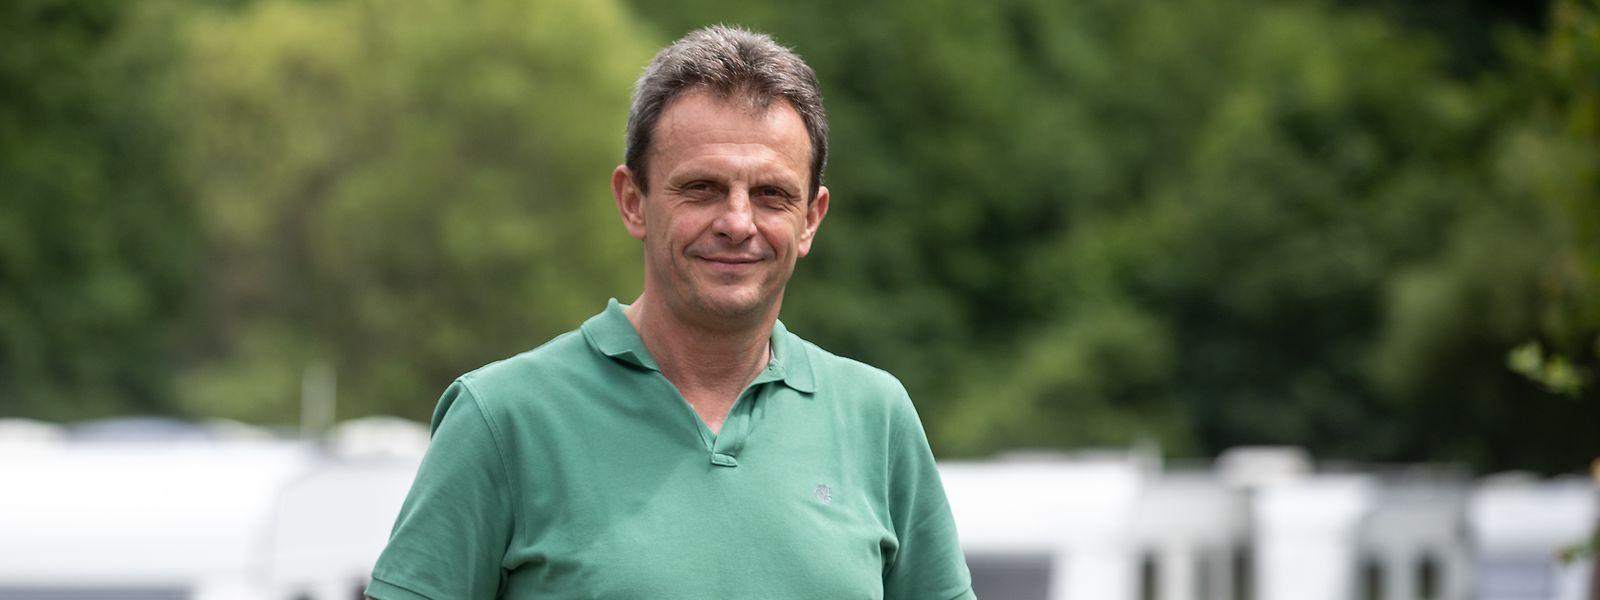 Deutsche und luxemburgische Touristen entdecken gerade das Großherzogtum für sich. Der Campingplatz von Marc Bissen war schon im Frühling ausgebucht.